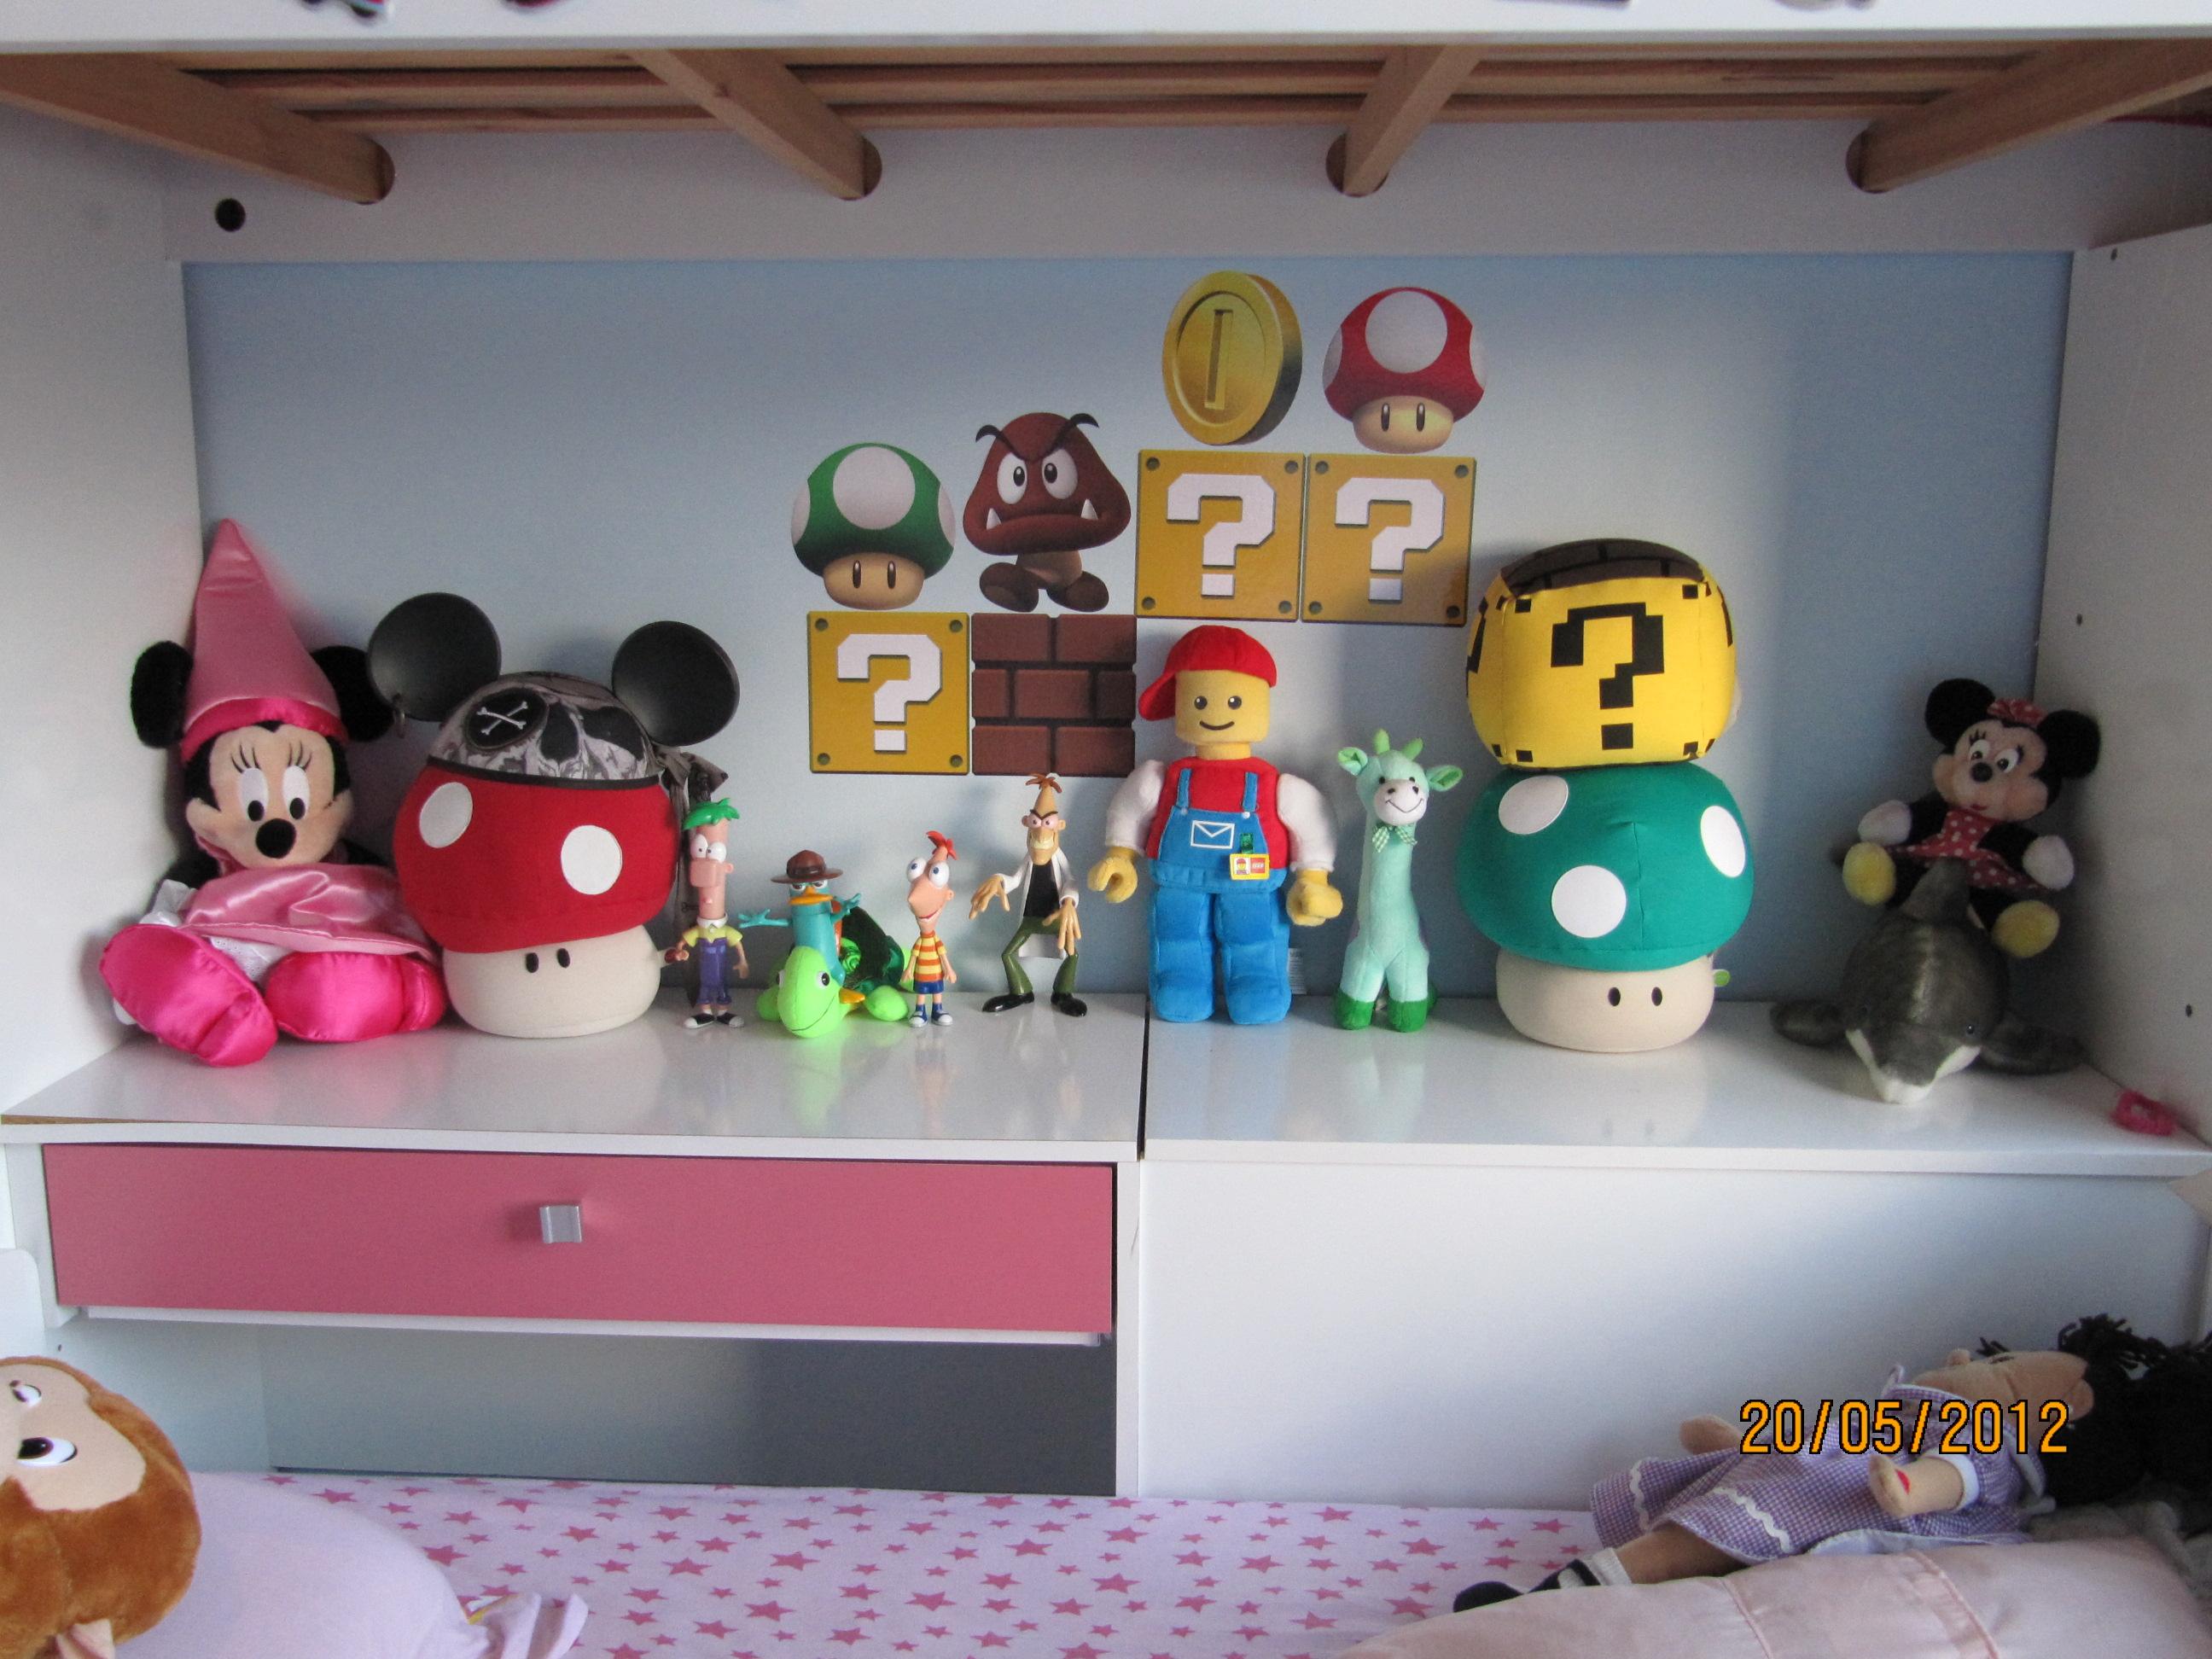 Decoração Mario Bros - O resultado final!